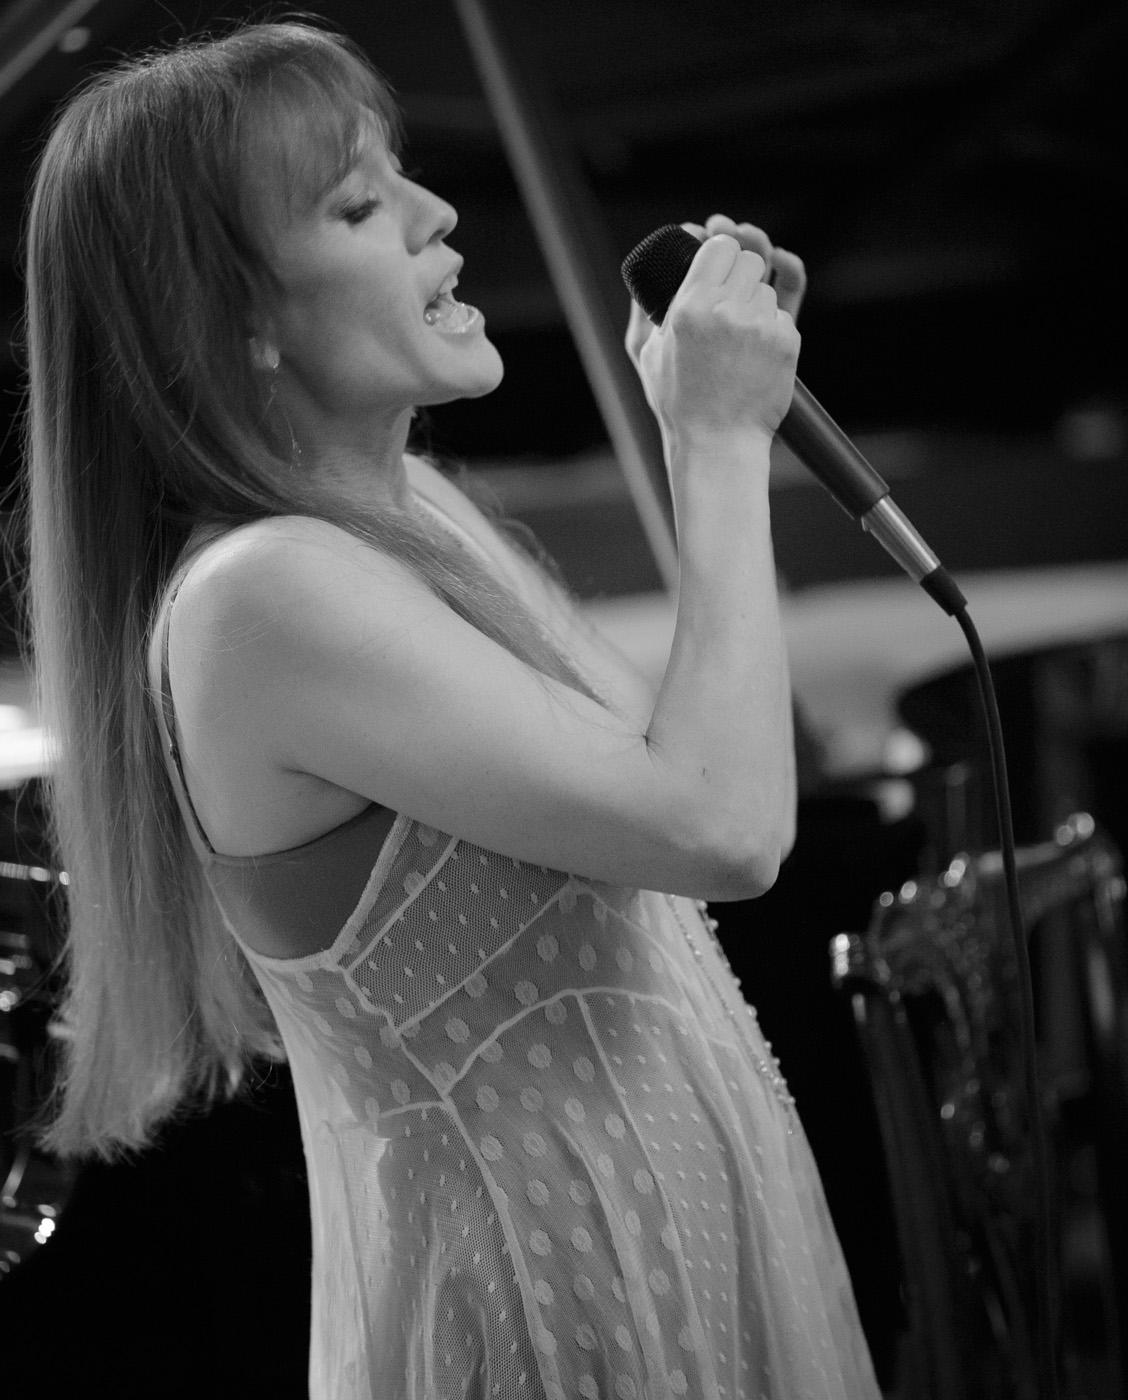 6.  Hannah_Performing_Close-Up.jpg